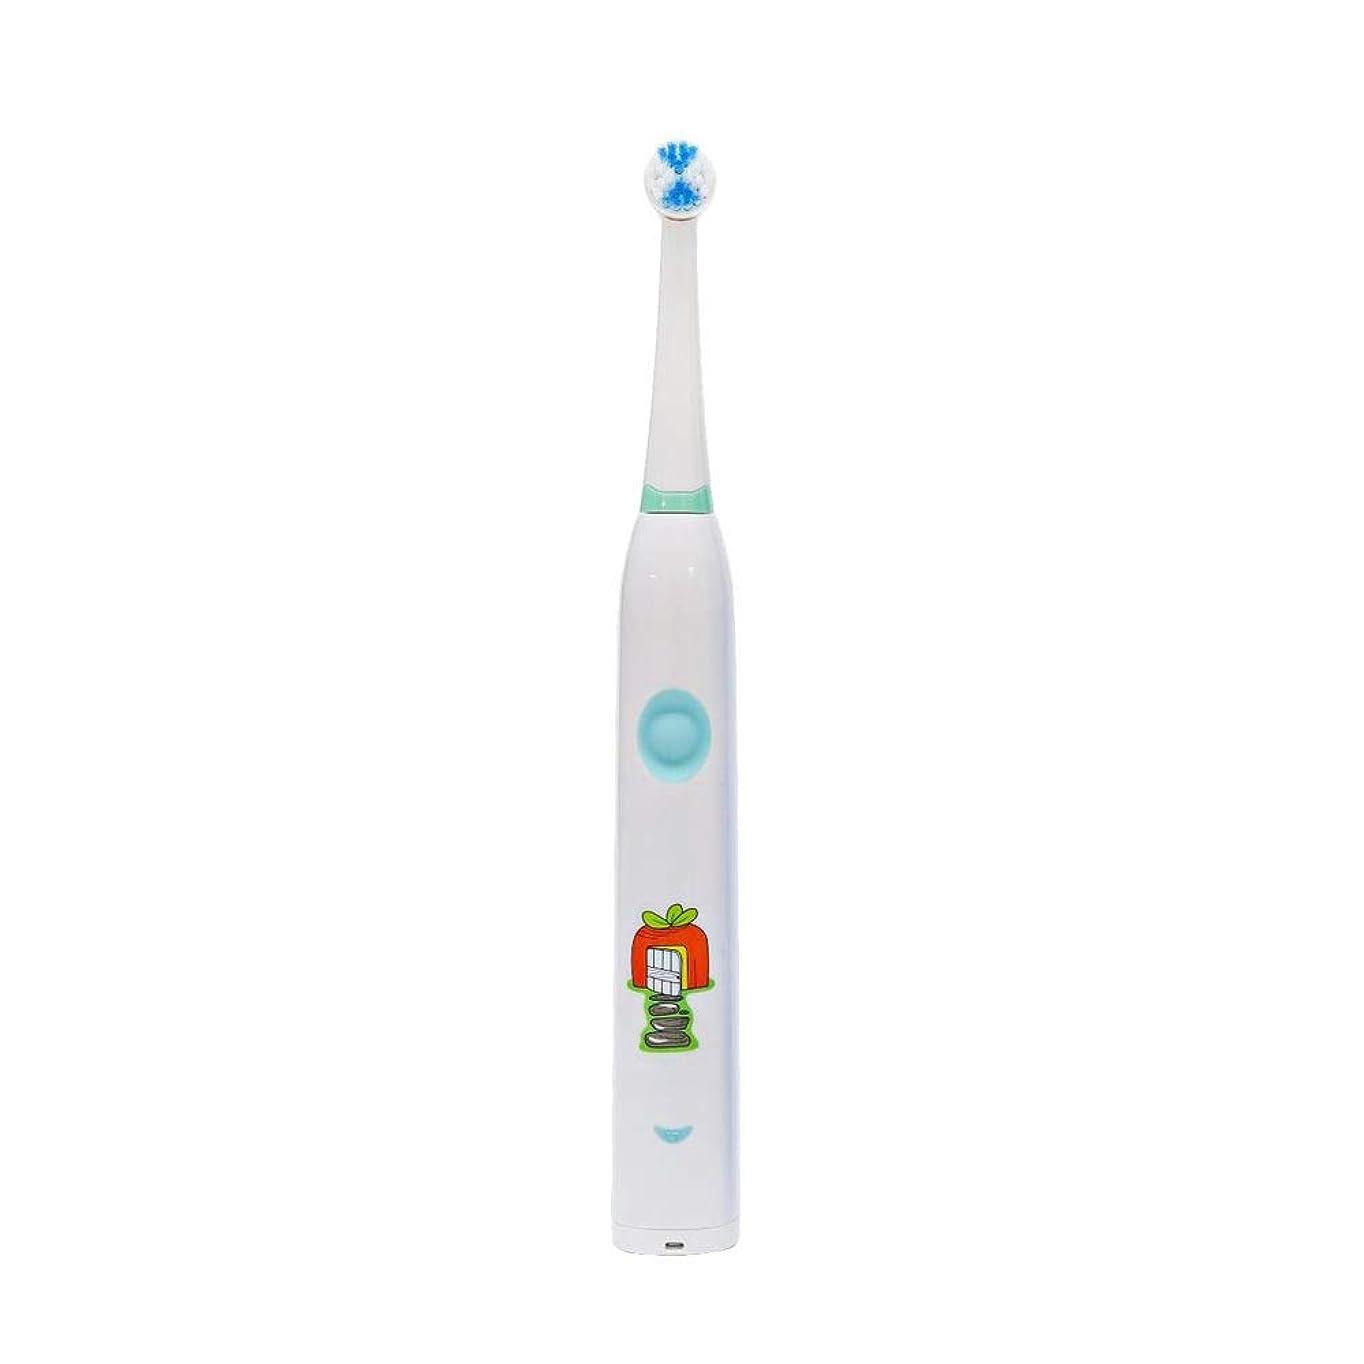 気候さらに酔う電動歯ブラシ 子供の電動歯ブラシかわいいUSB充電式歯ブラシ、毎日の使用 大人と子供向け (色 : 白, サイズ : Free size)